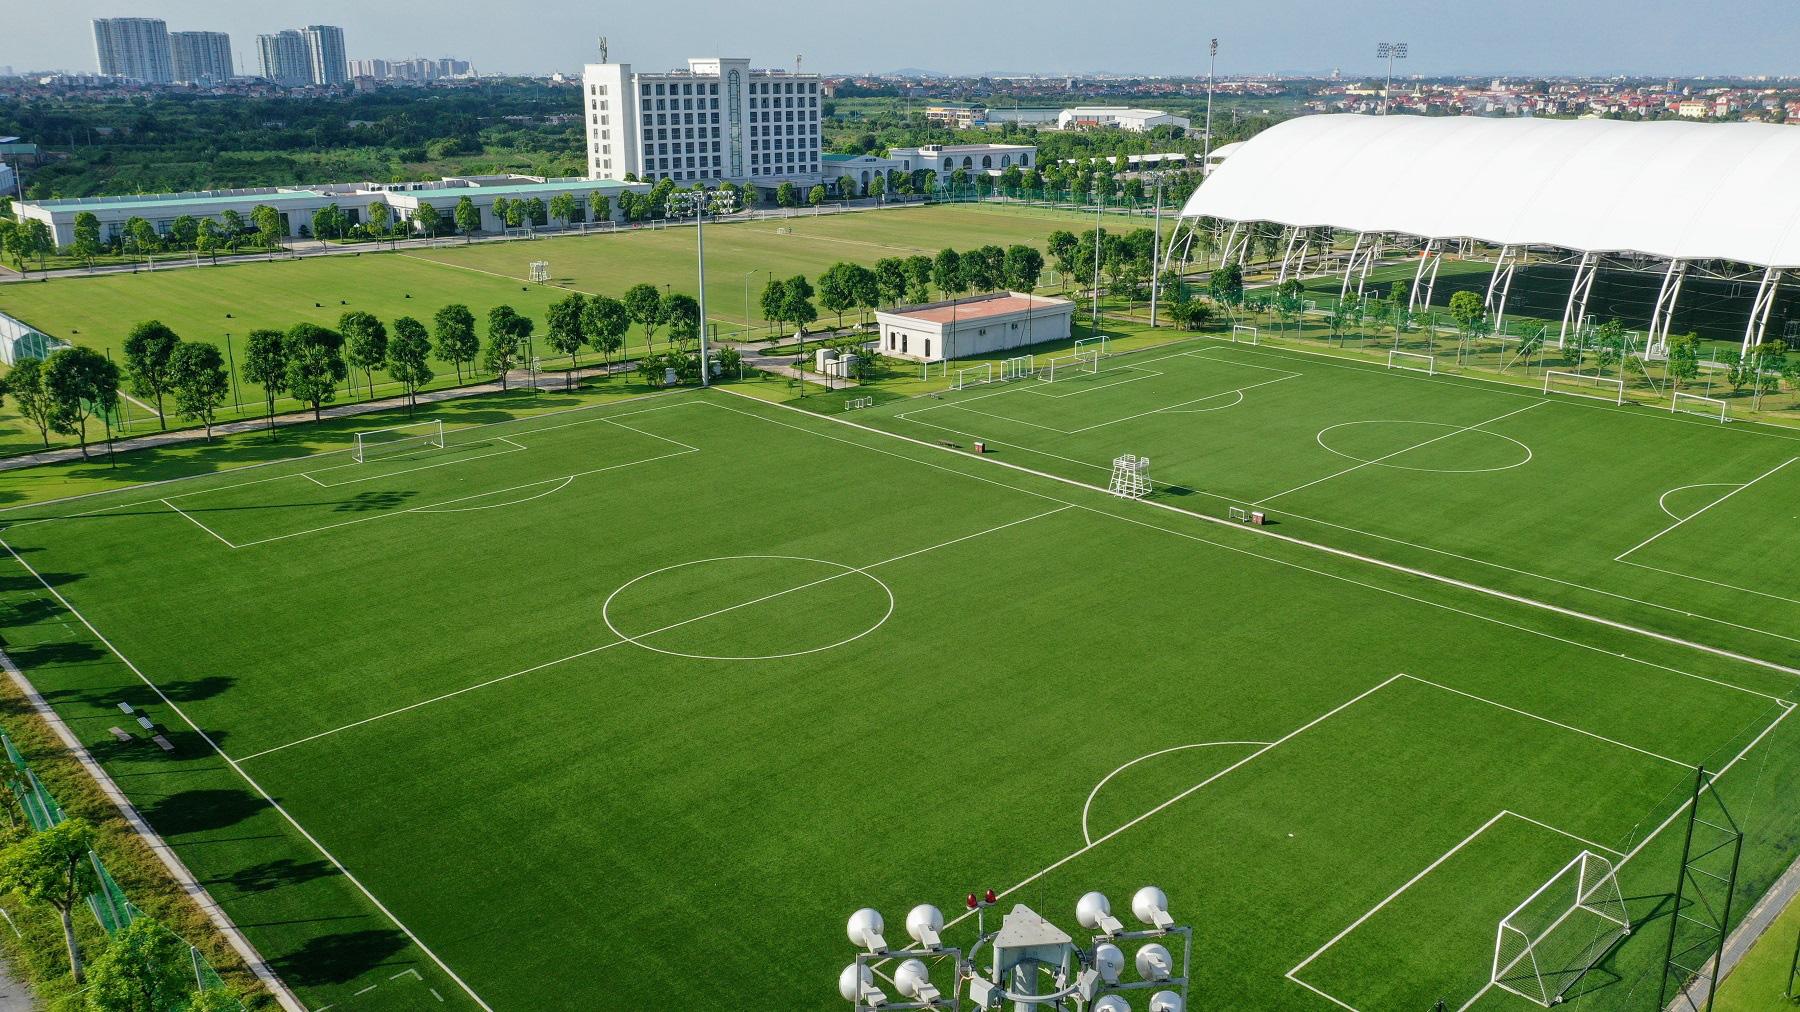 PVF chuyển nhượng 20 cầu thủ cho các CLB bóng đá chuyên nghiệp - Ảnh 4.